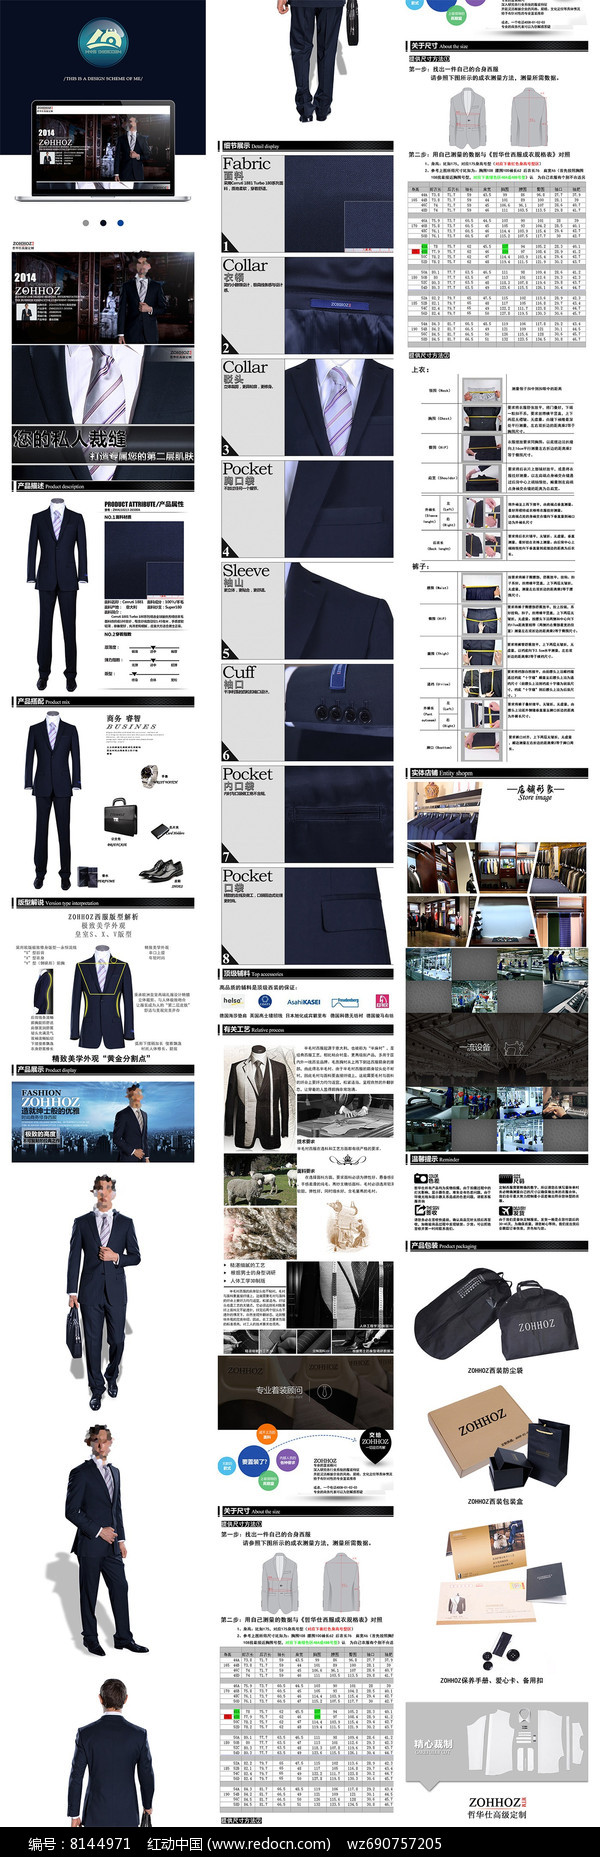 男士西装详情页设计图片